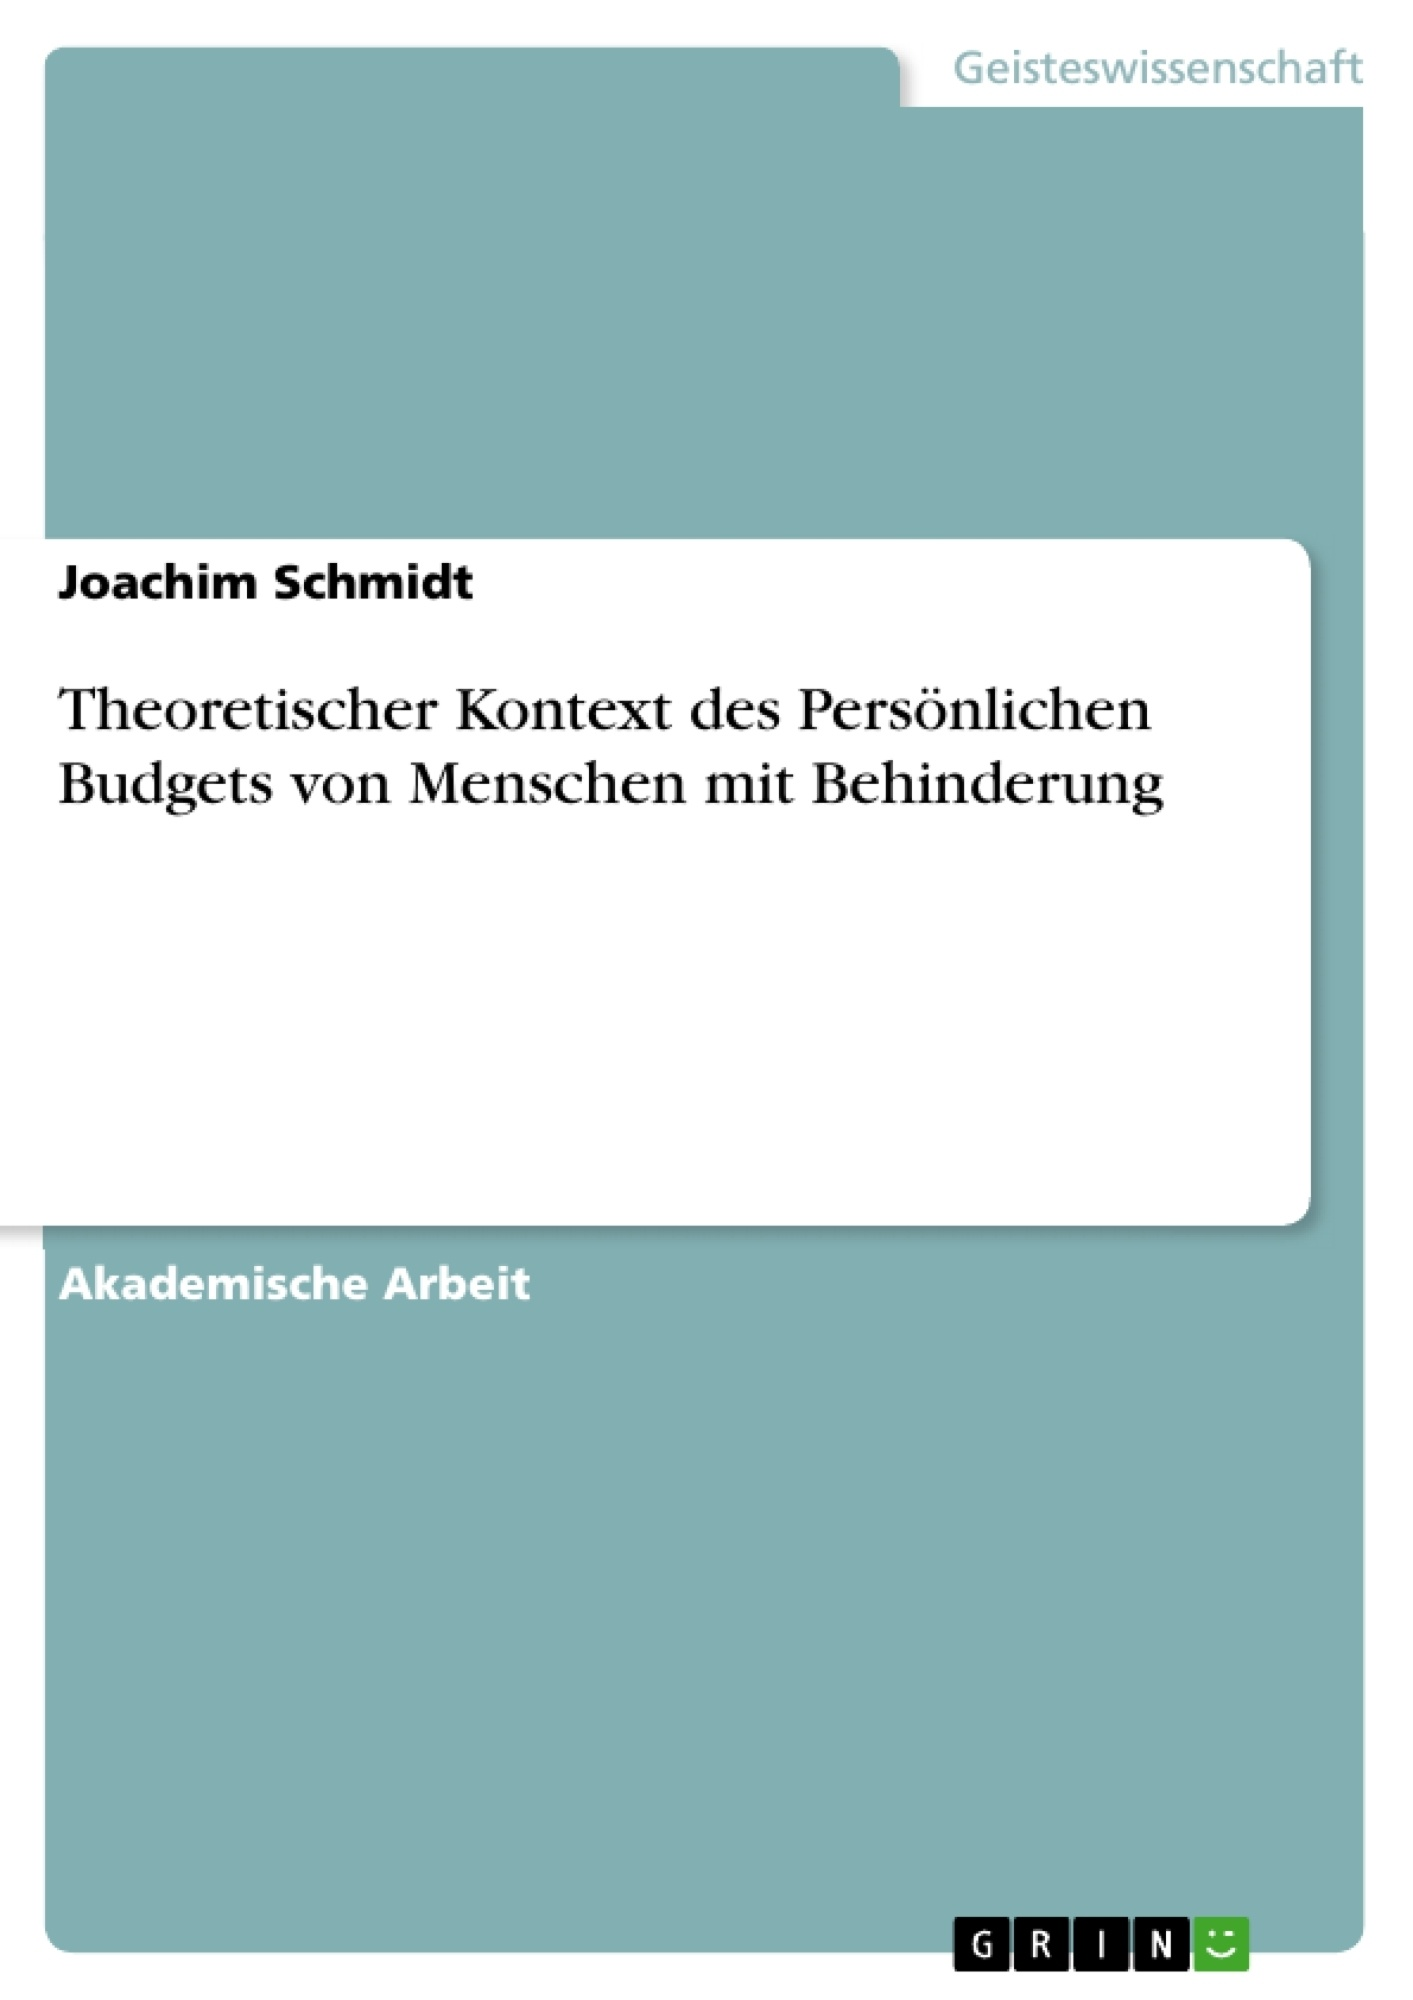 Titel: Theoretischer Kontext des Persönlichen Budgets von Menschen mit Behinderung